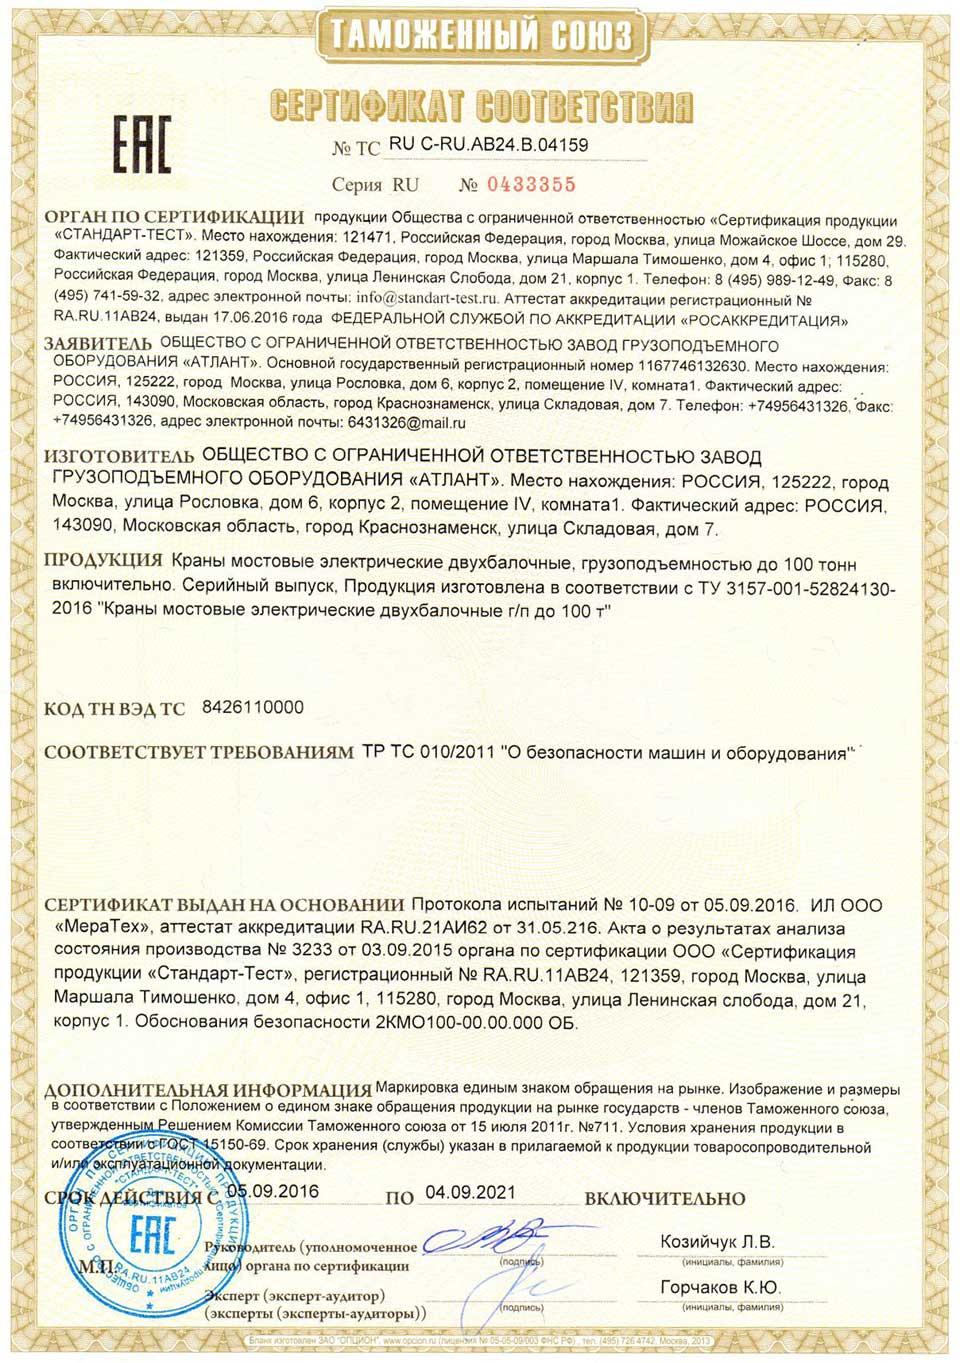 mostovoj sert2 - Кран мостовой специальный с двумя тележками